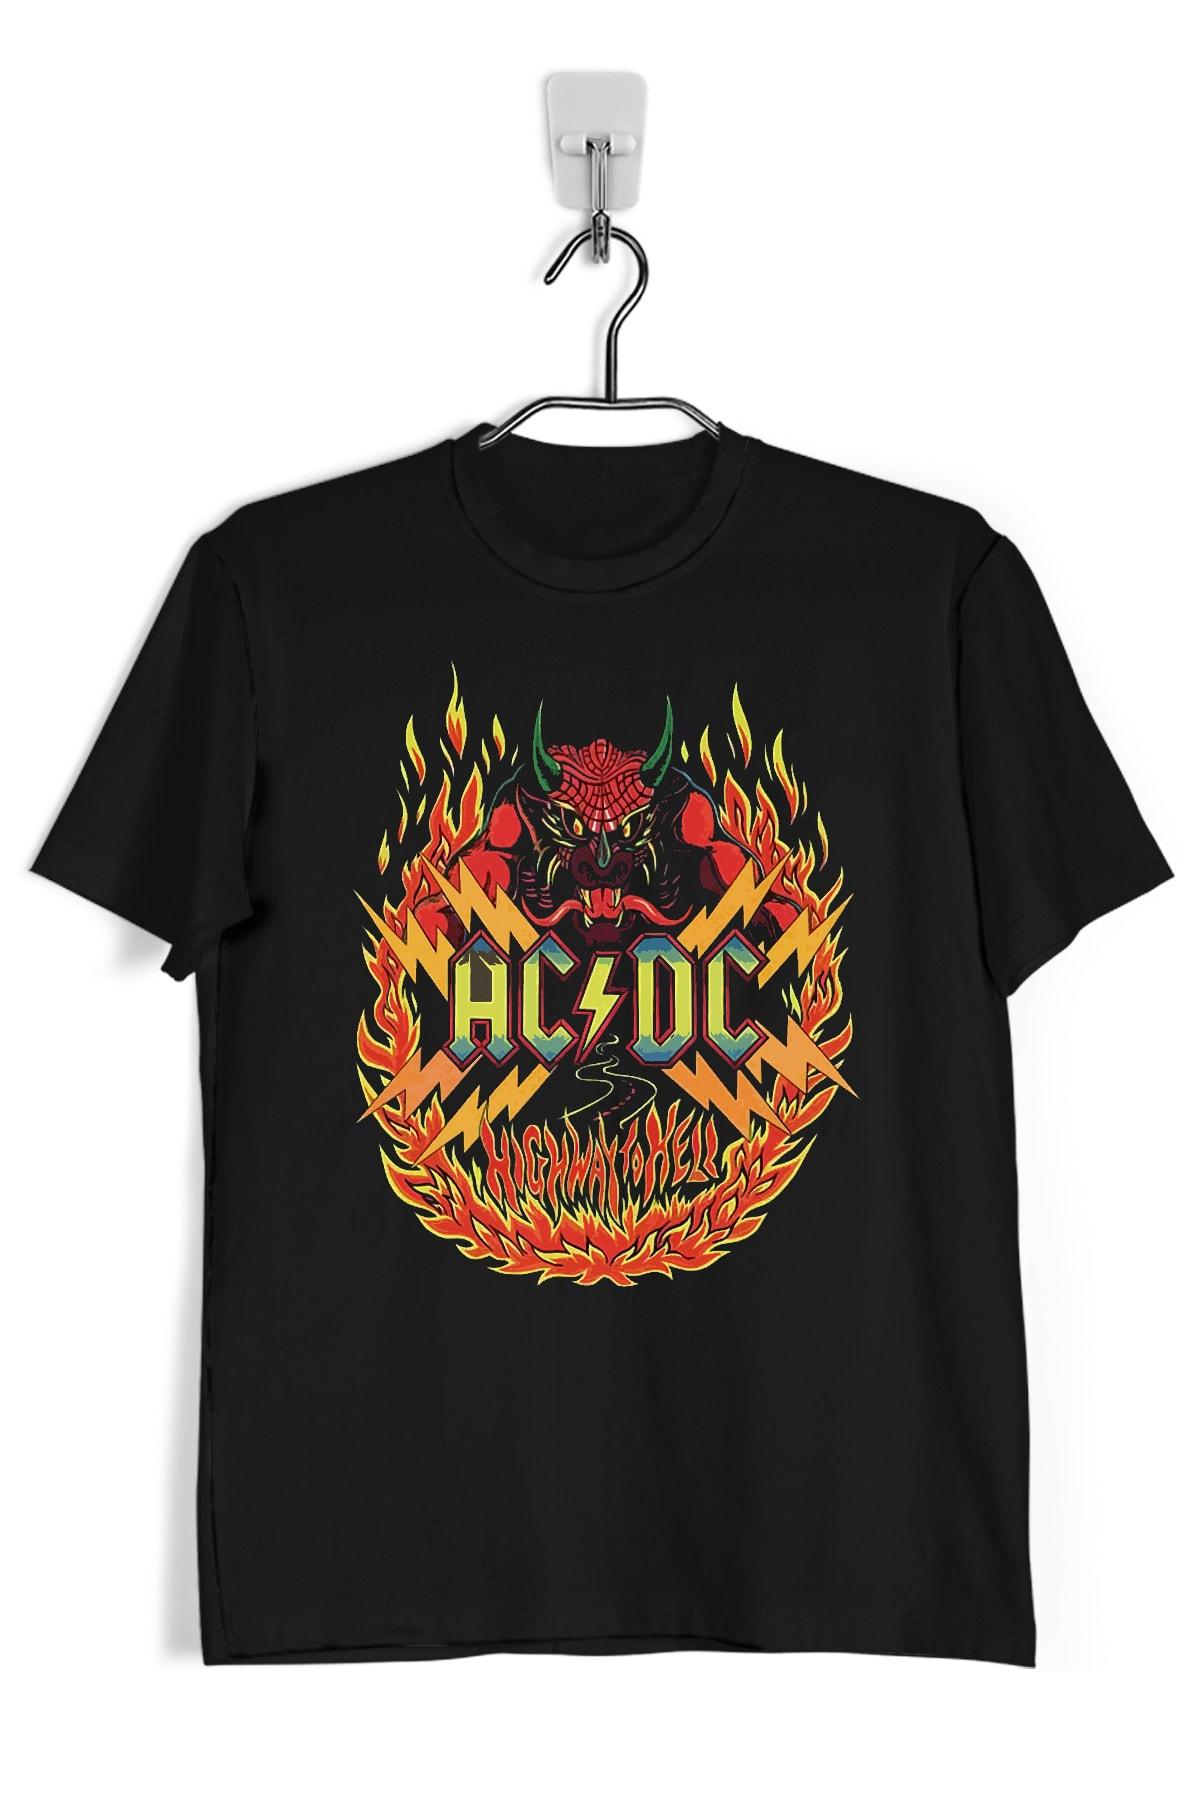 Tişört Mania Acdc_8  Siyah  Kadın T-shırt 1